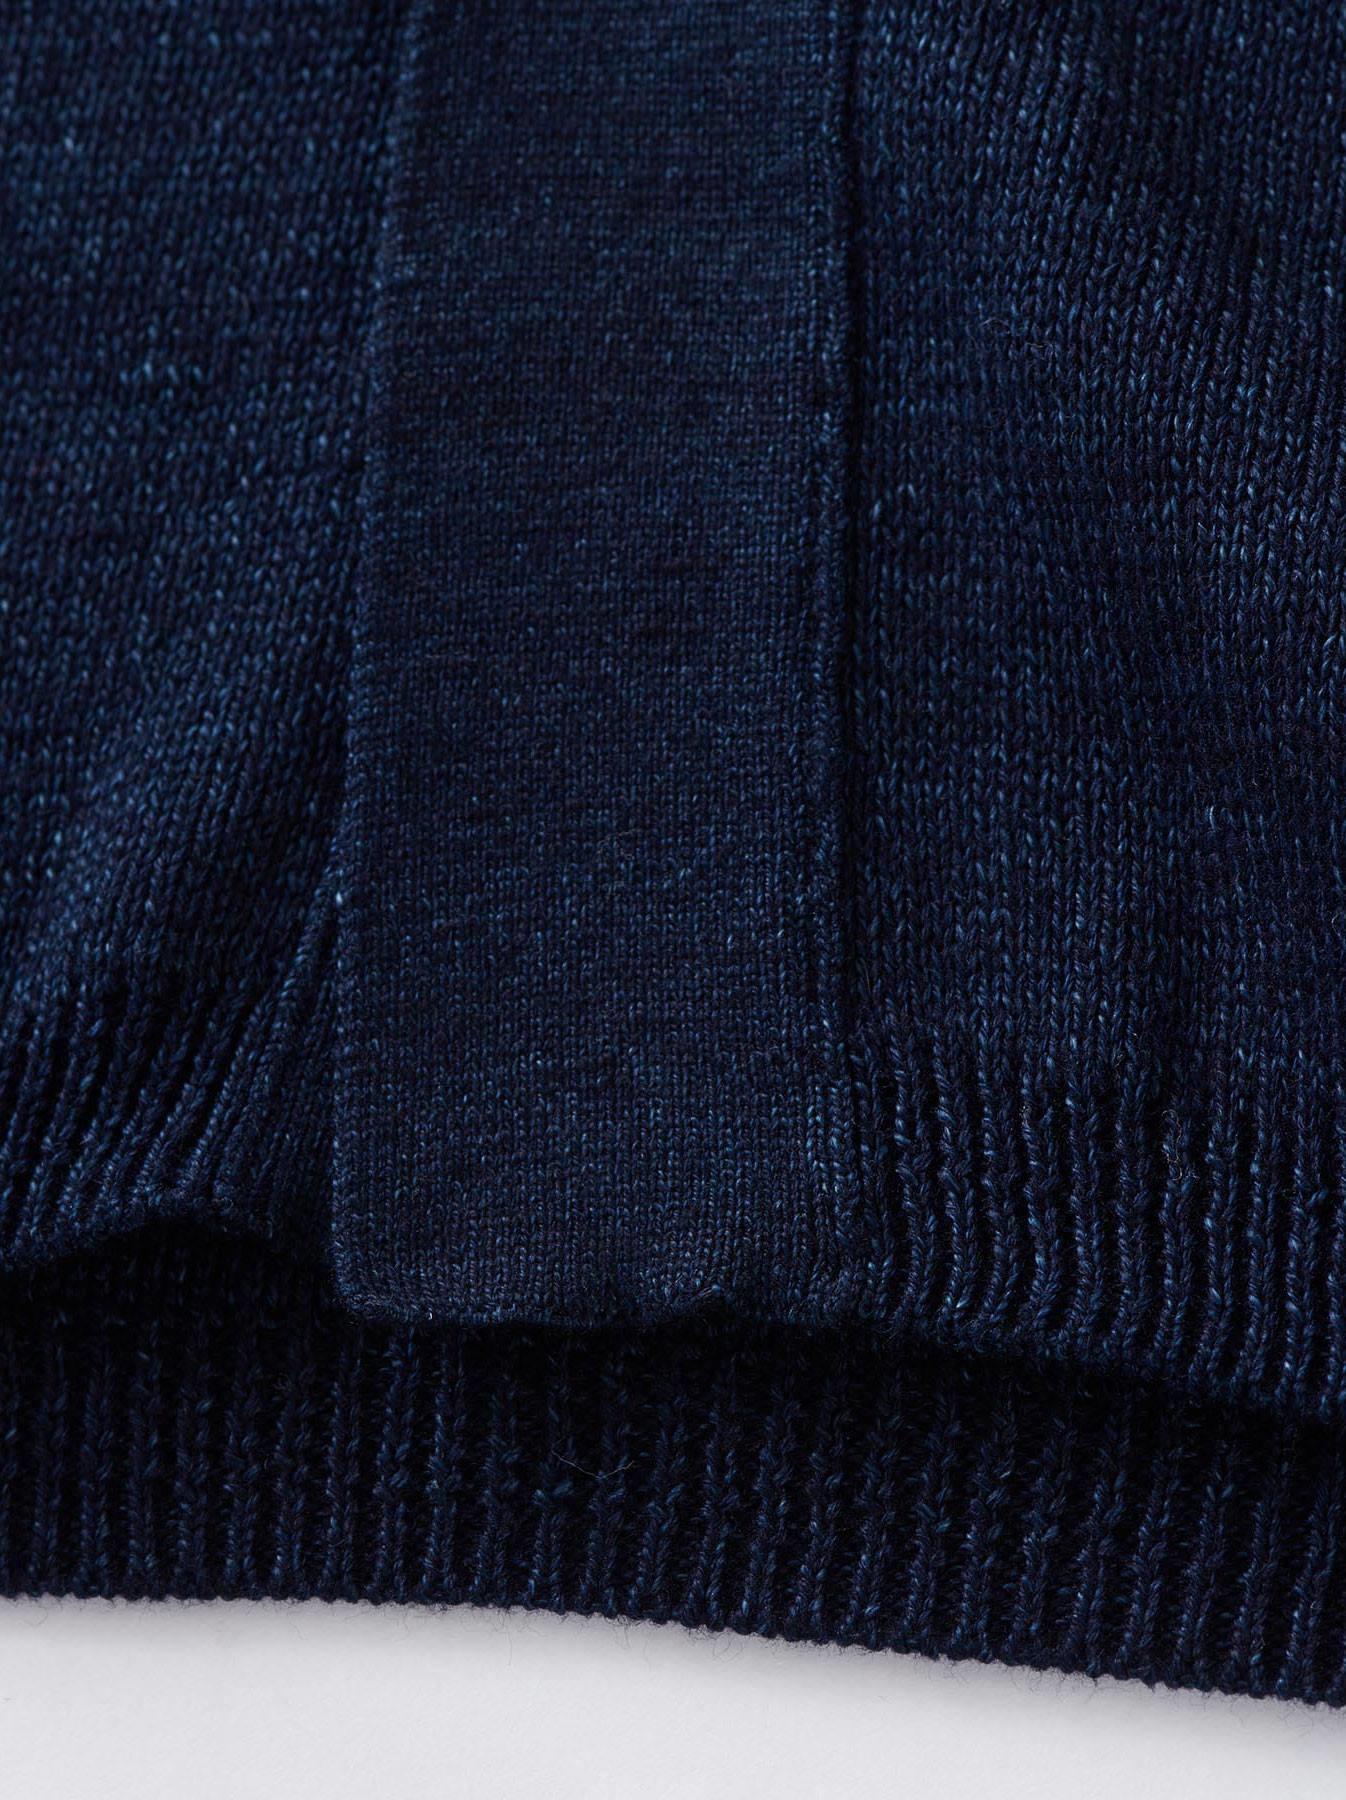 WH Indigo Supima Knit-sew Coat-5